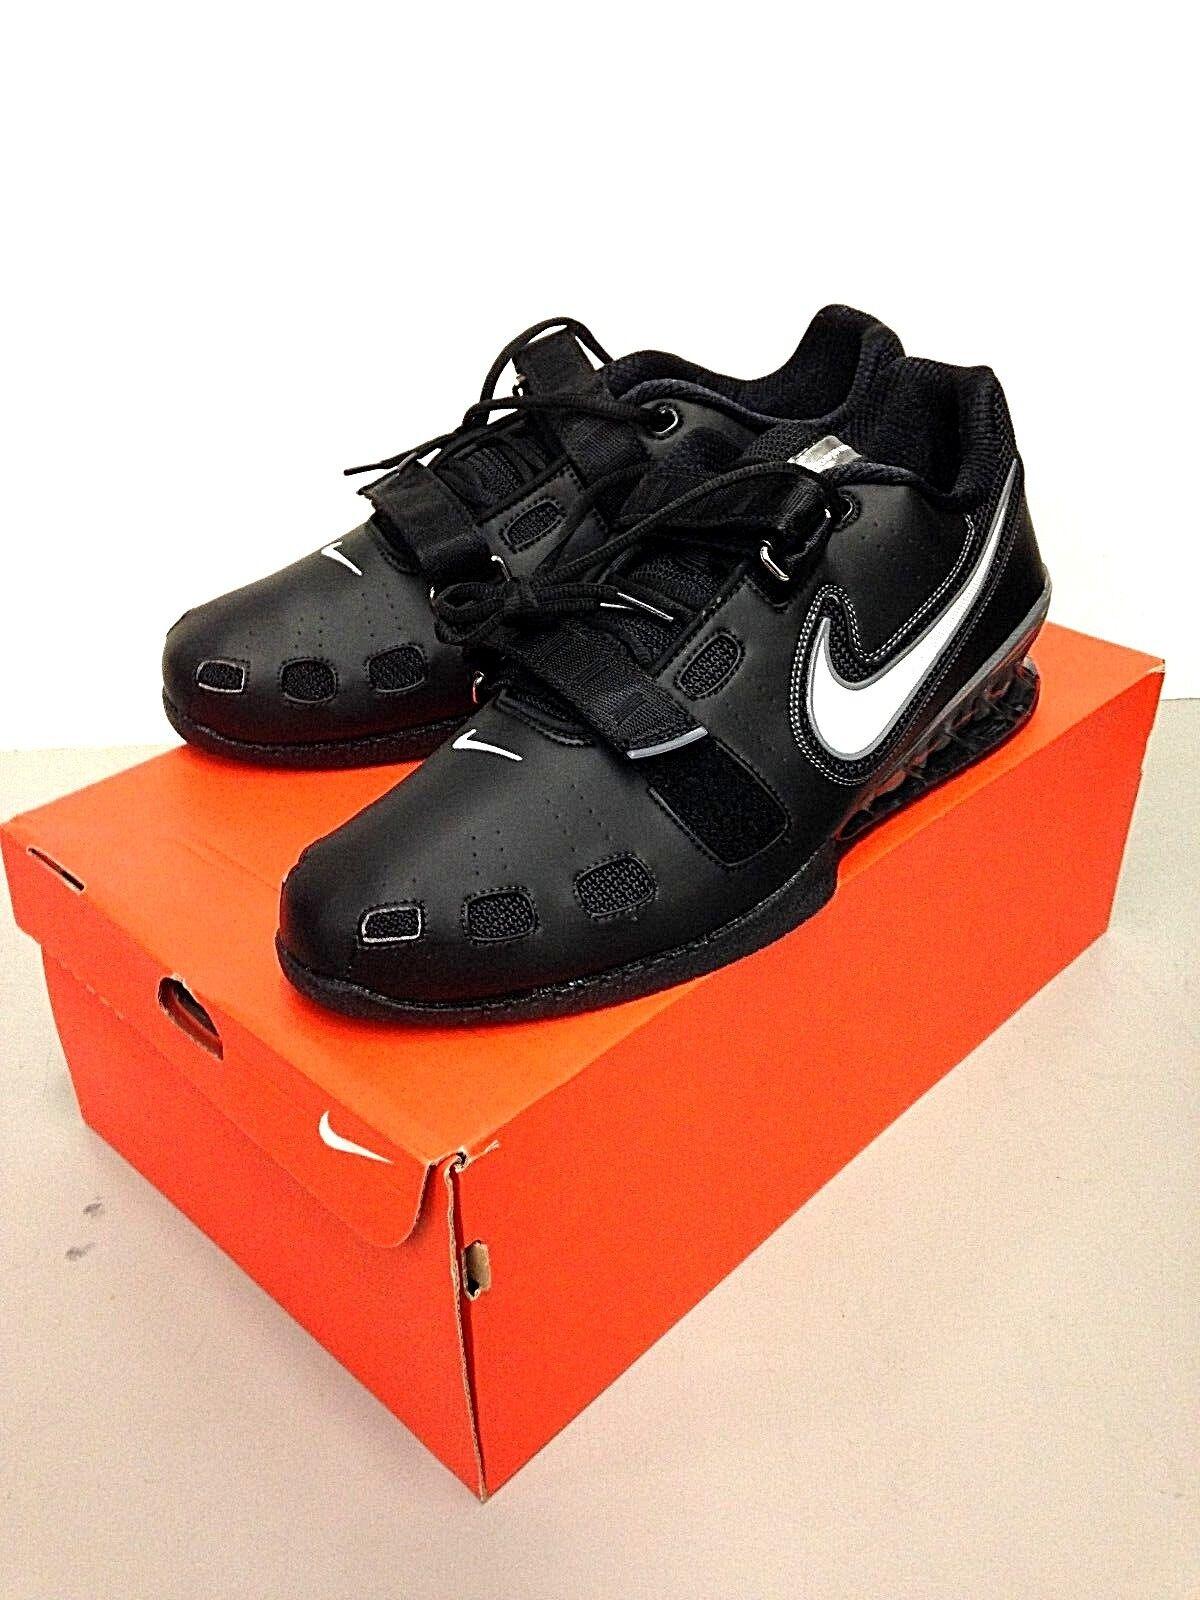 Nike romaleos 2 scarpe di sollevamento pesi, dimensioni 18 uomini 108440c16a